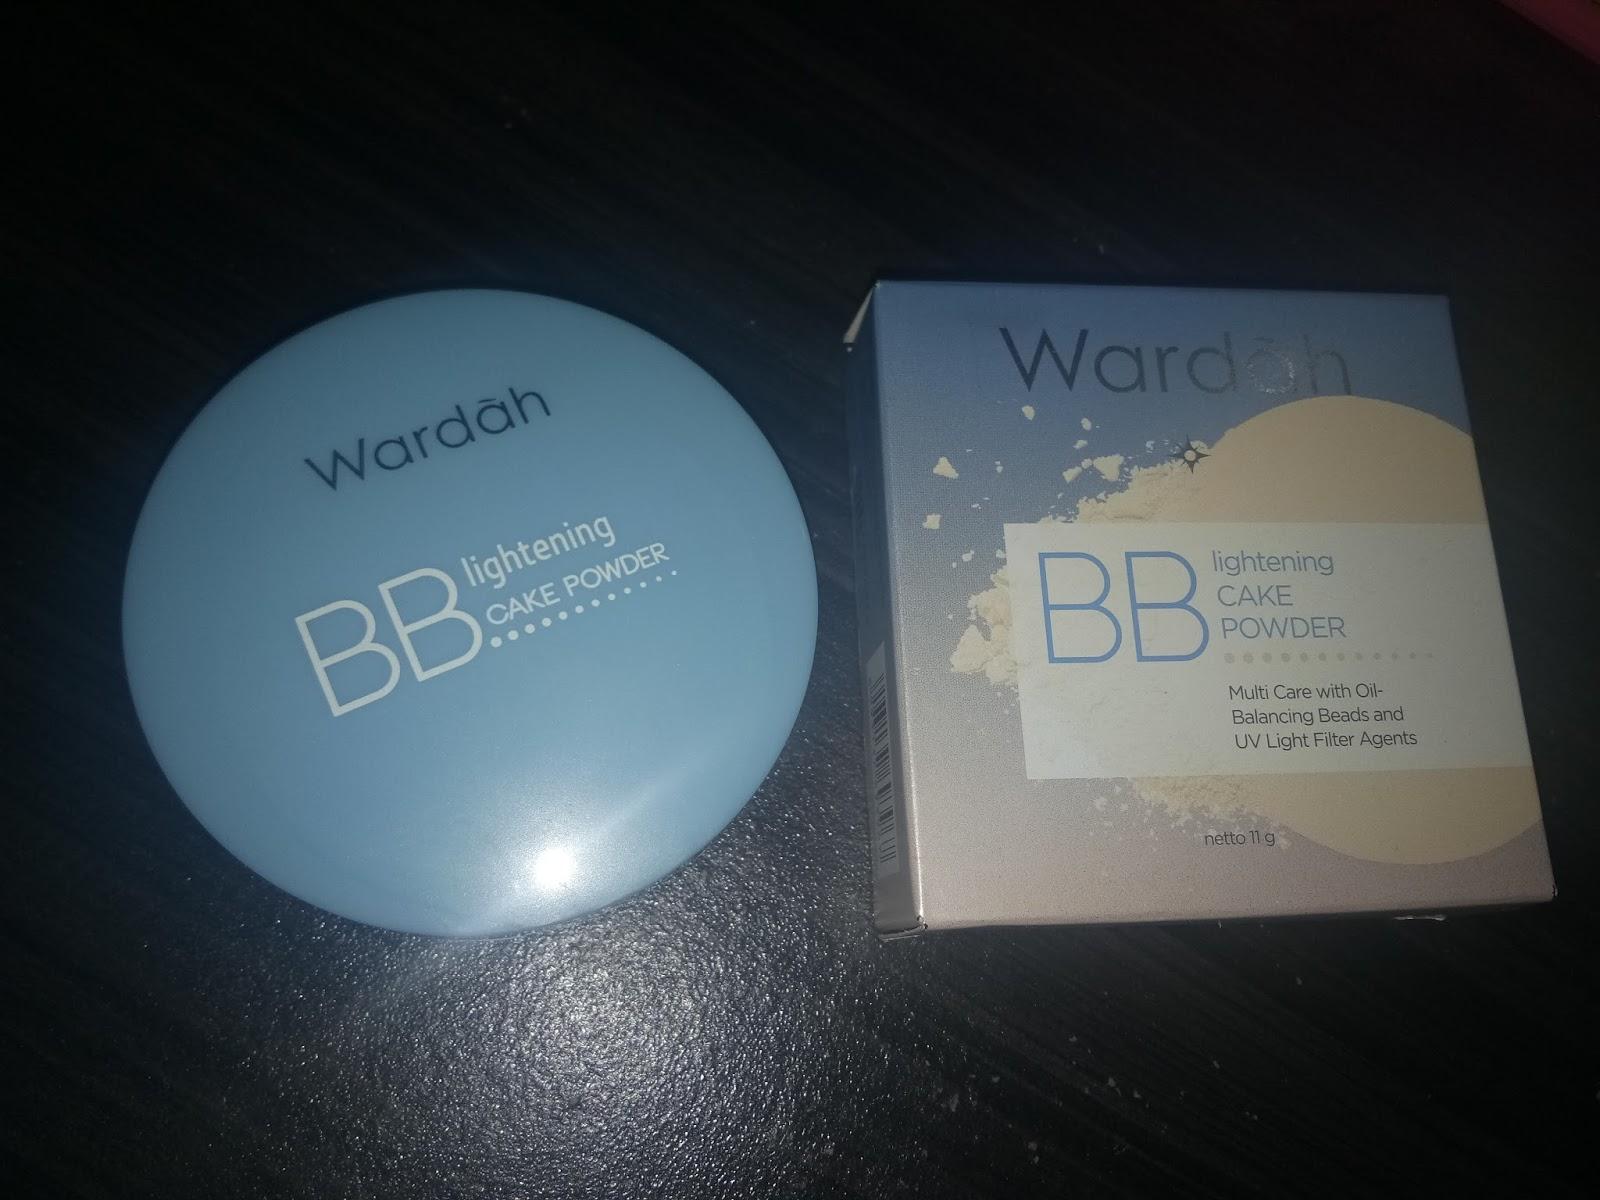 wardah lightening bb cake powder.